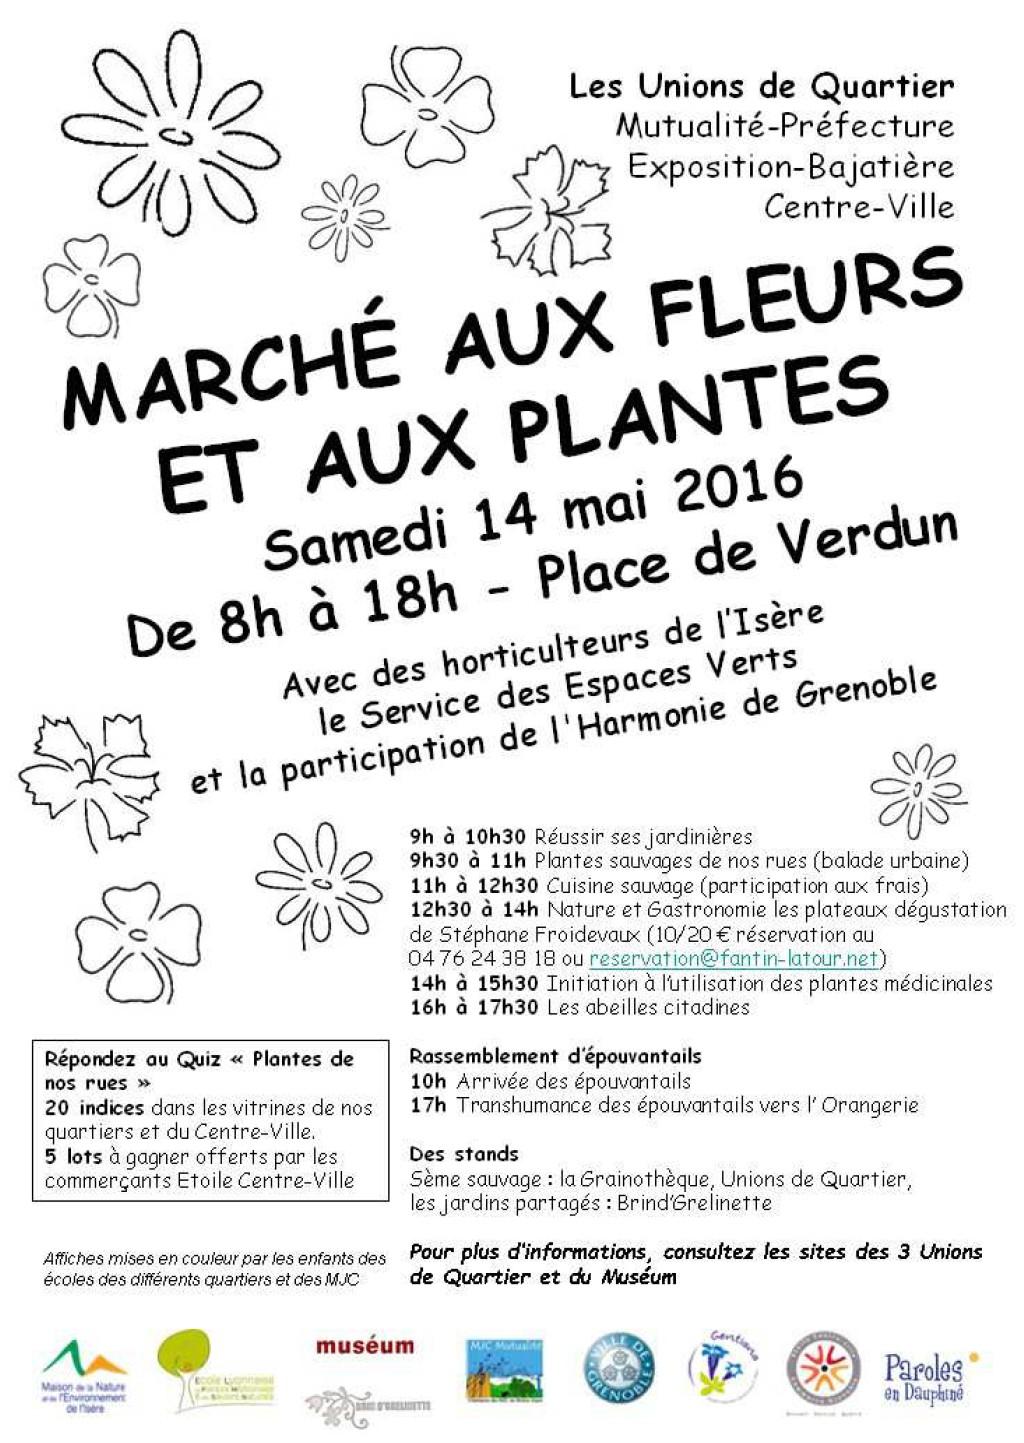 marcheauxfleurs-uq mutualité pref2016